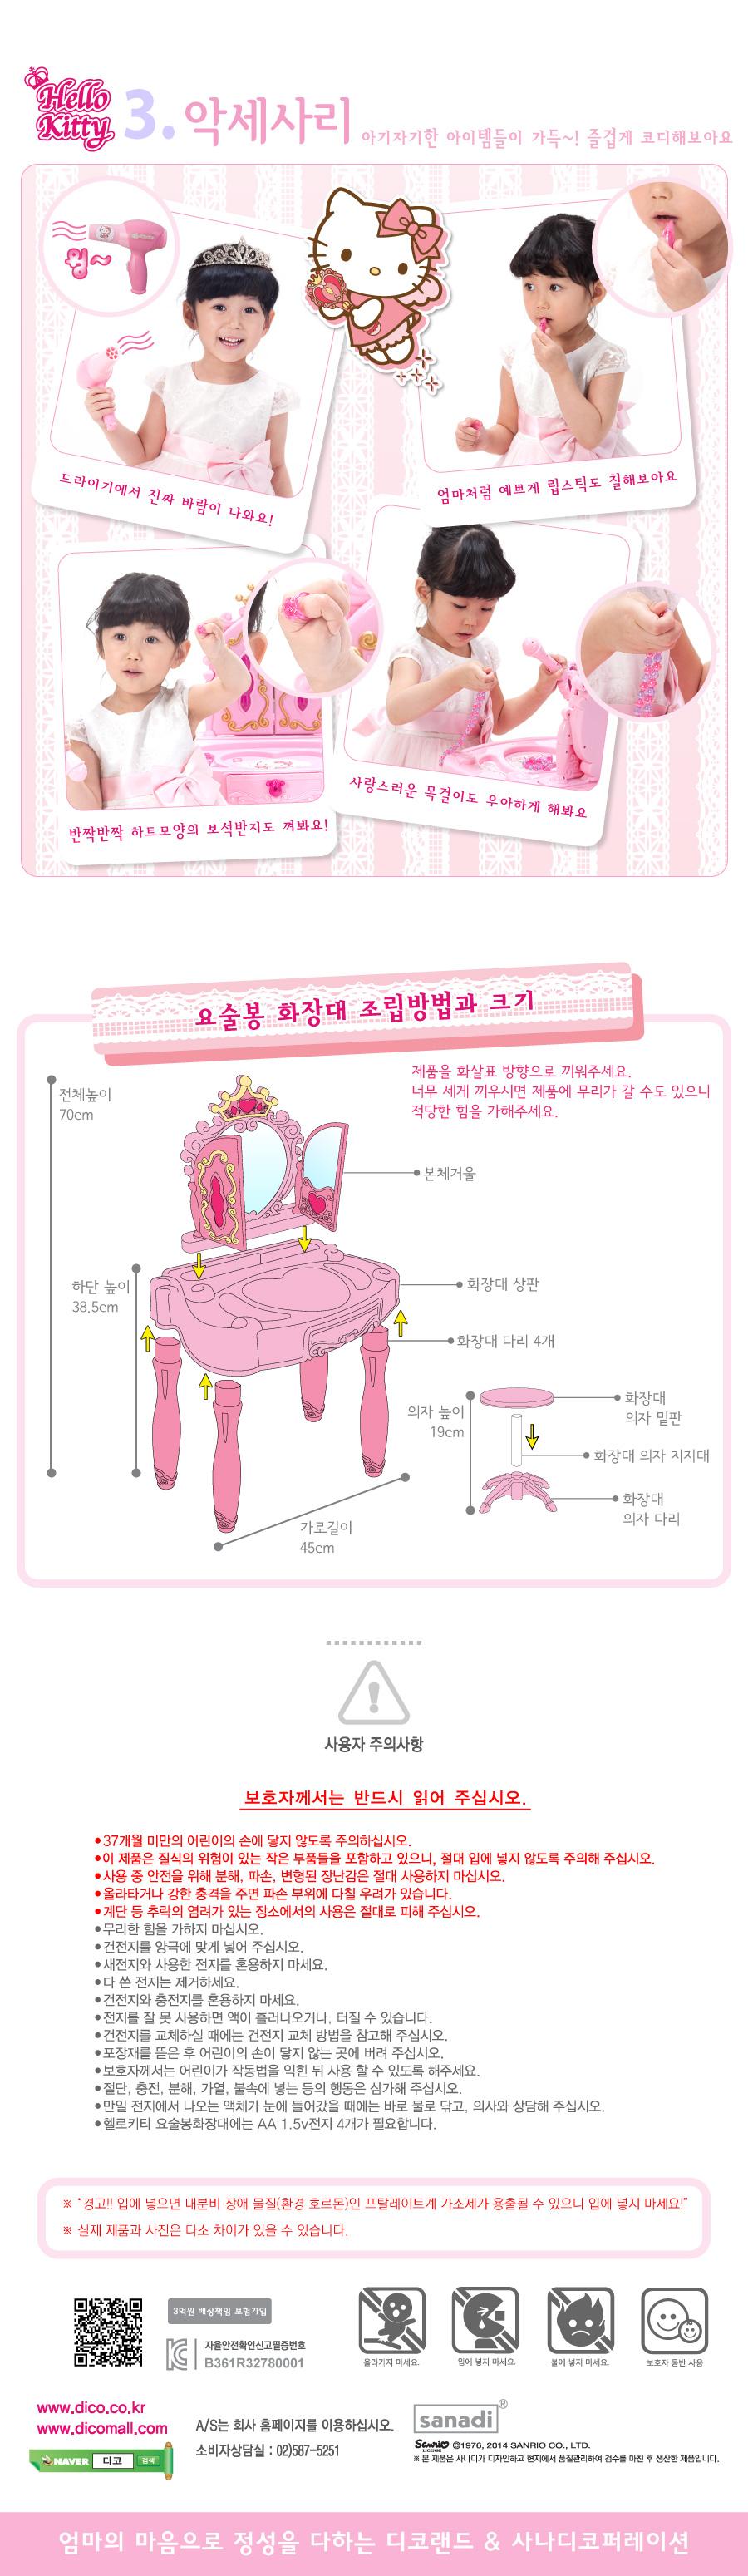 헬로키티 요술봉화장대 상세페이지3